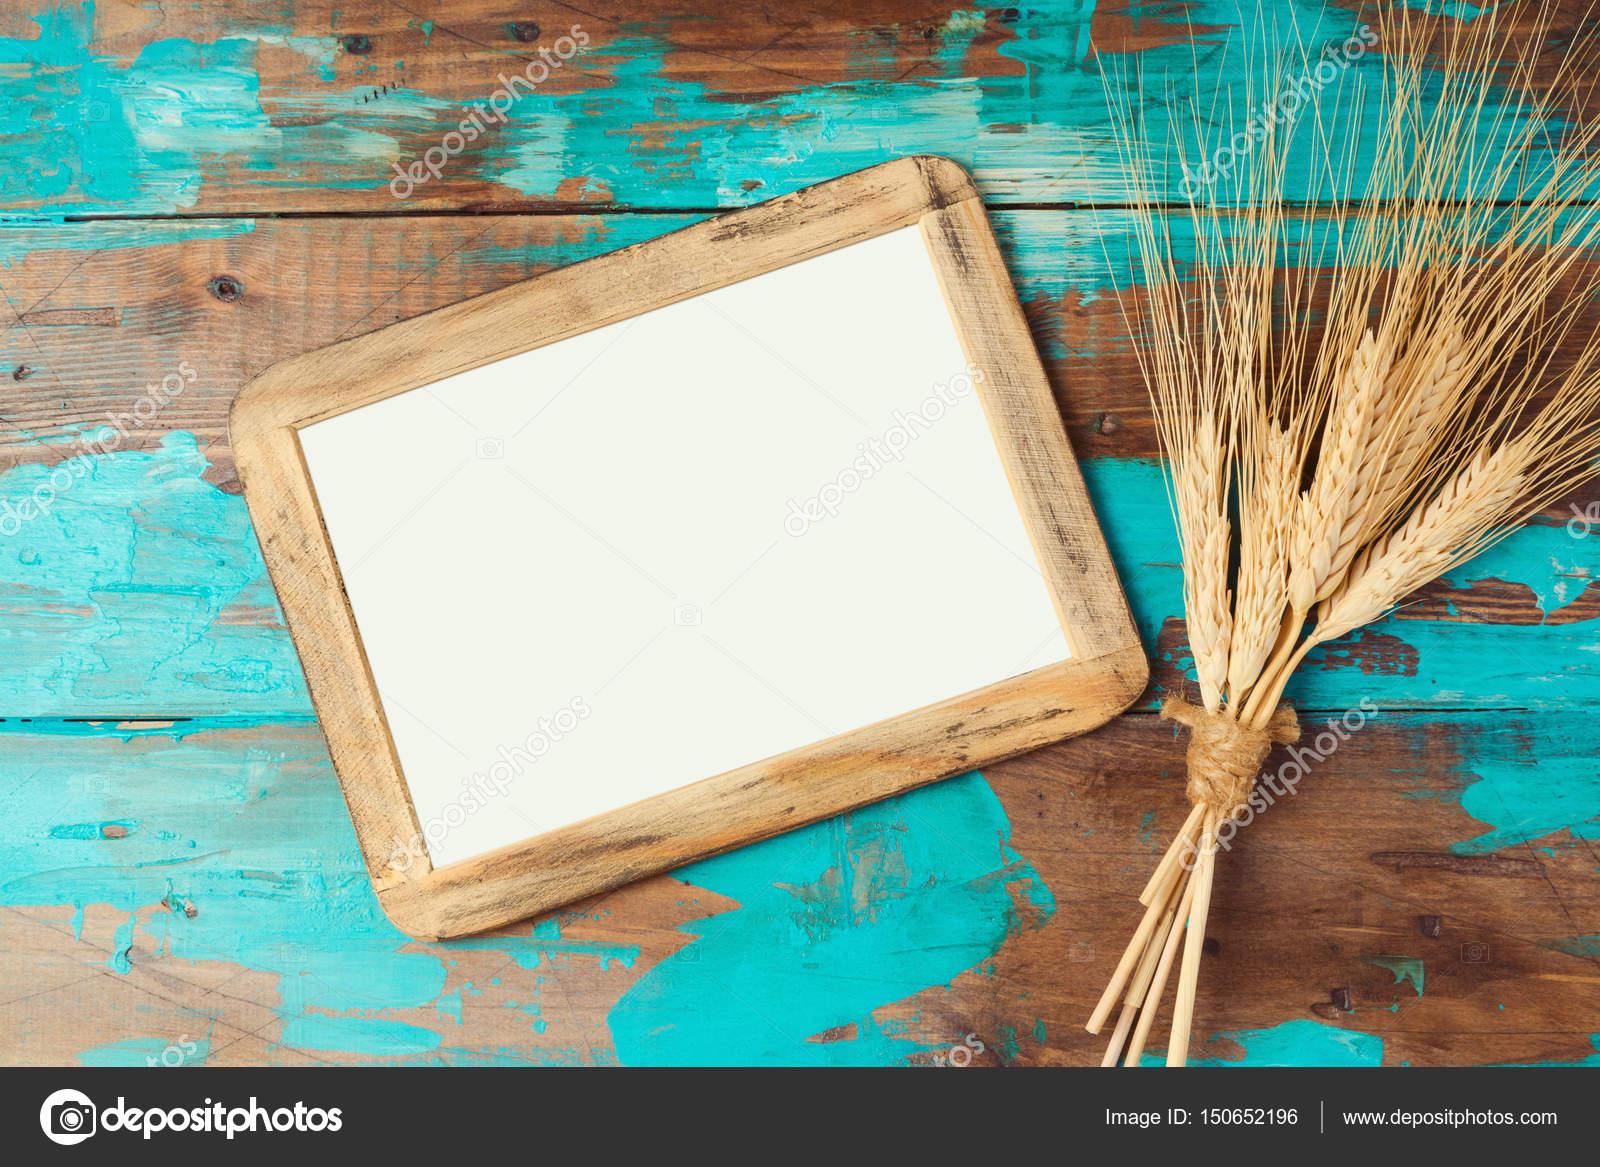 Plakat-Rahmen und Weizen-Ernte — Stockfoto © maglara #150652196